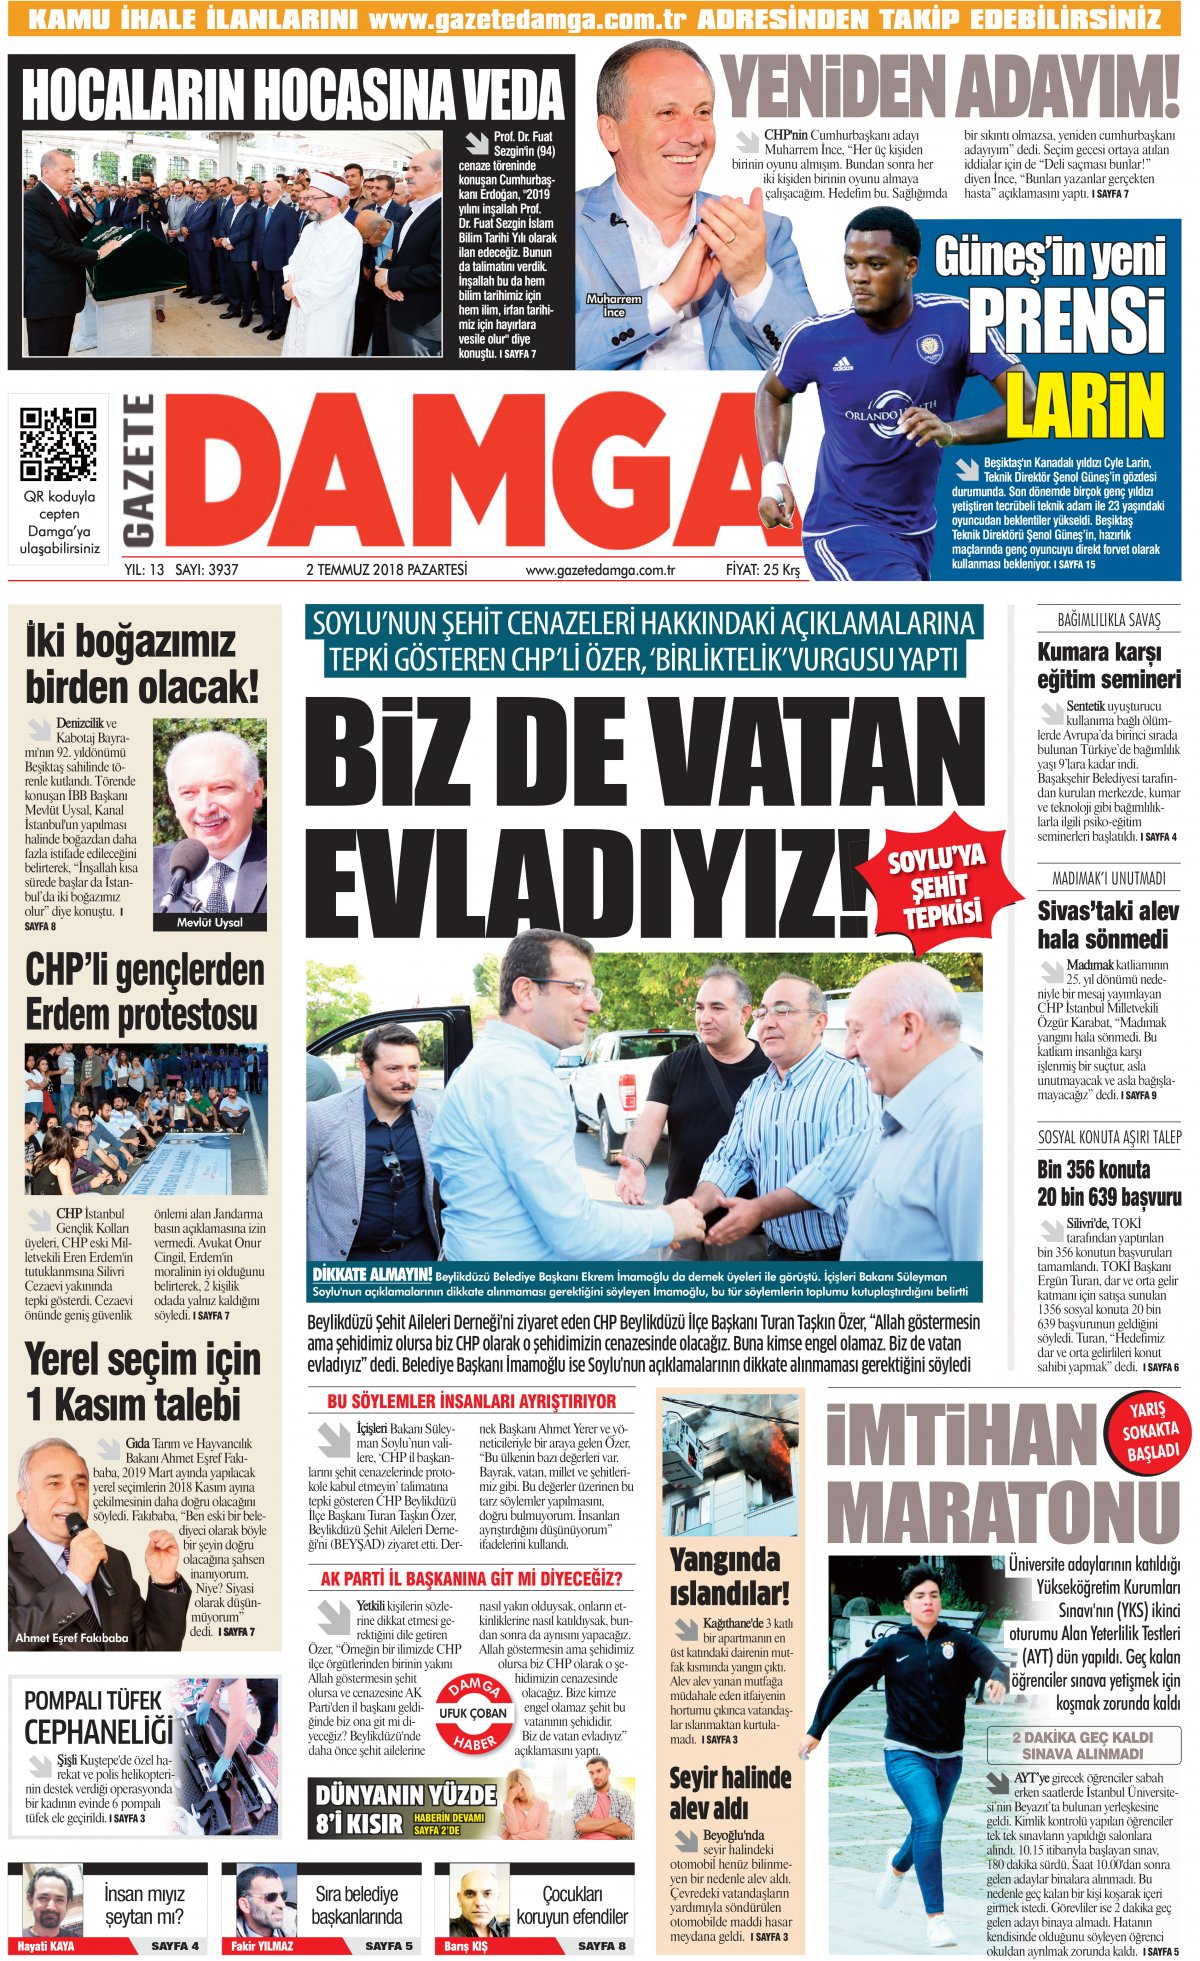 Gazete Damga - 02.07.2018 Manşeti